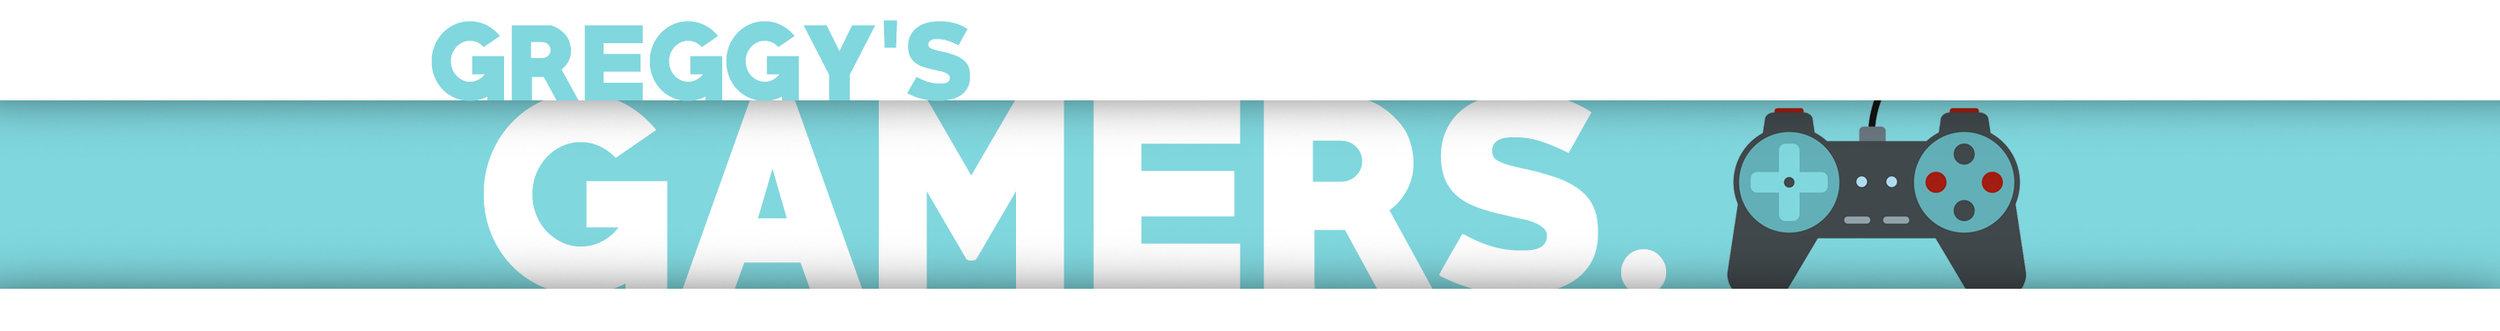 Greggys-Gamers-Header.jpg